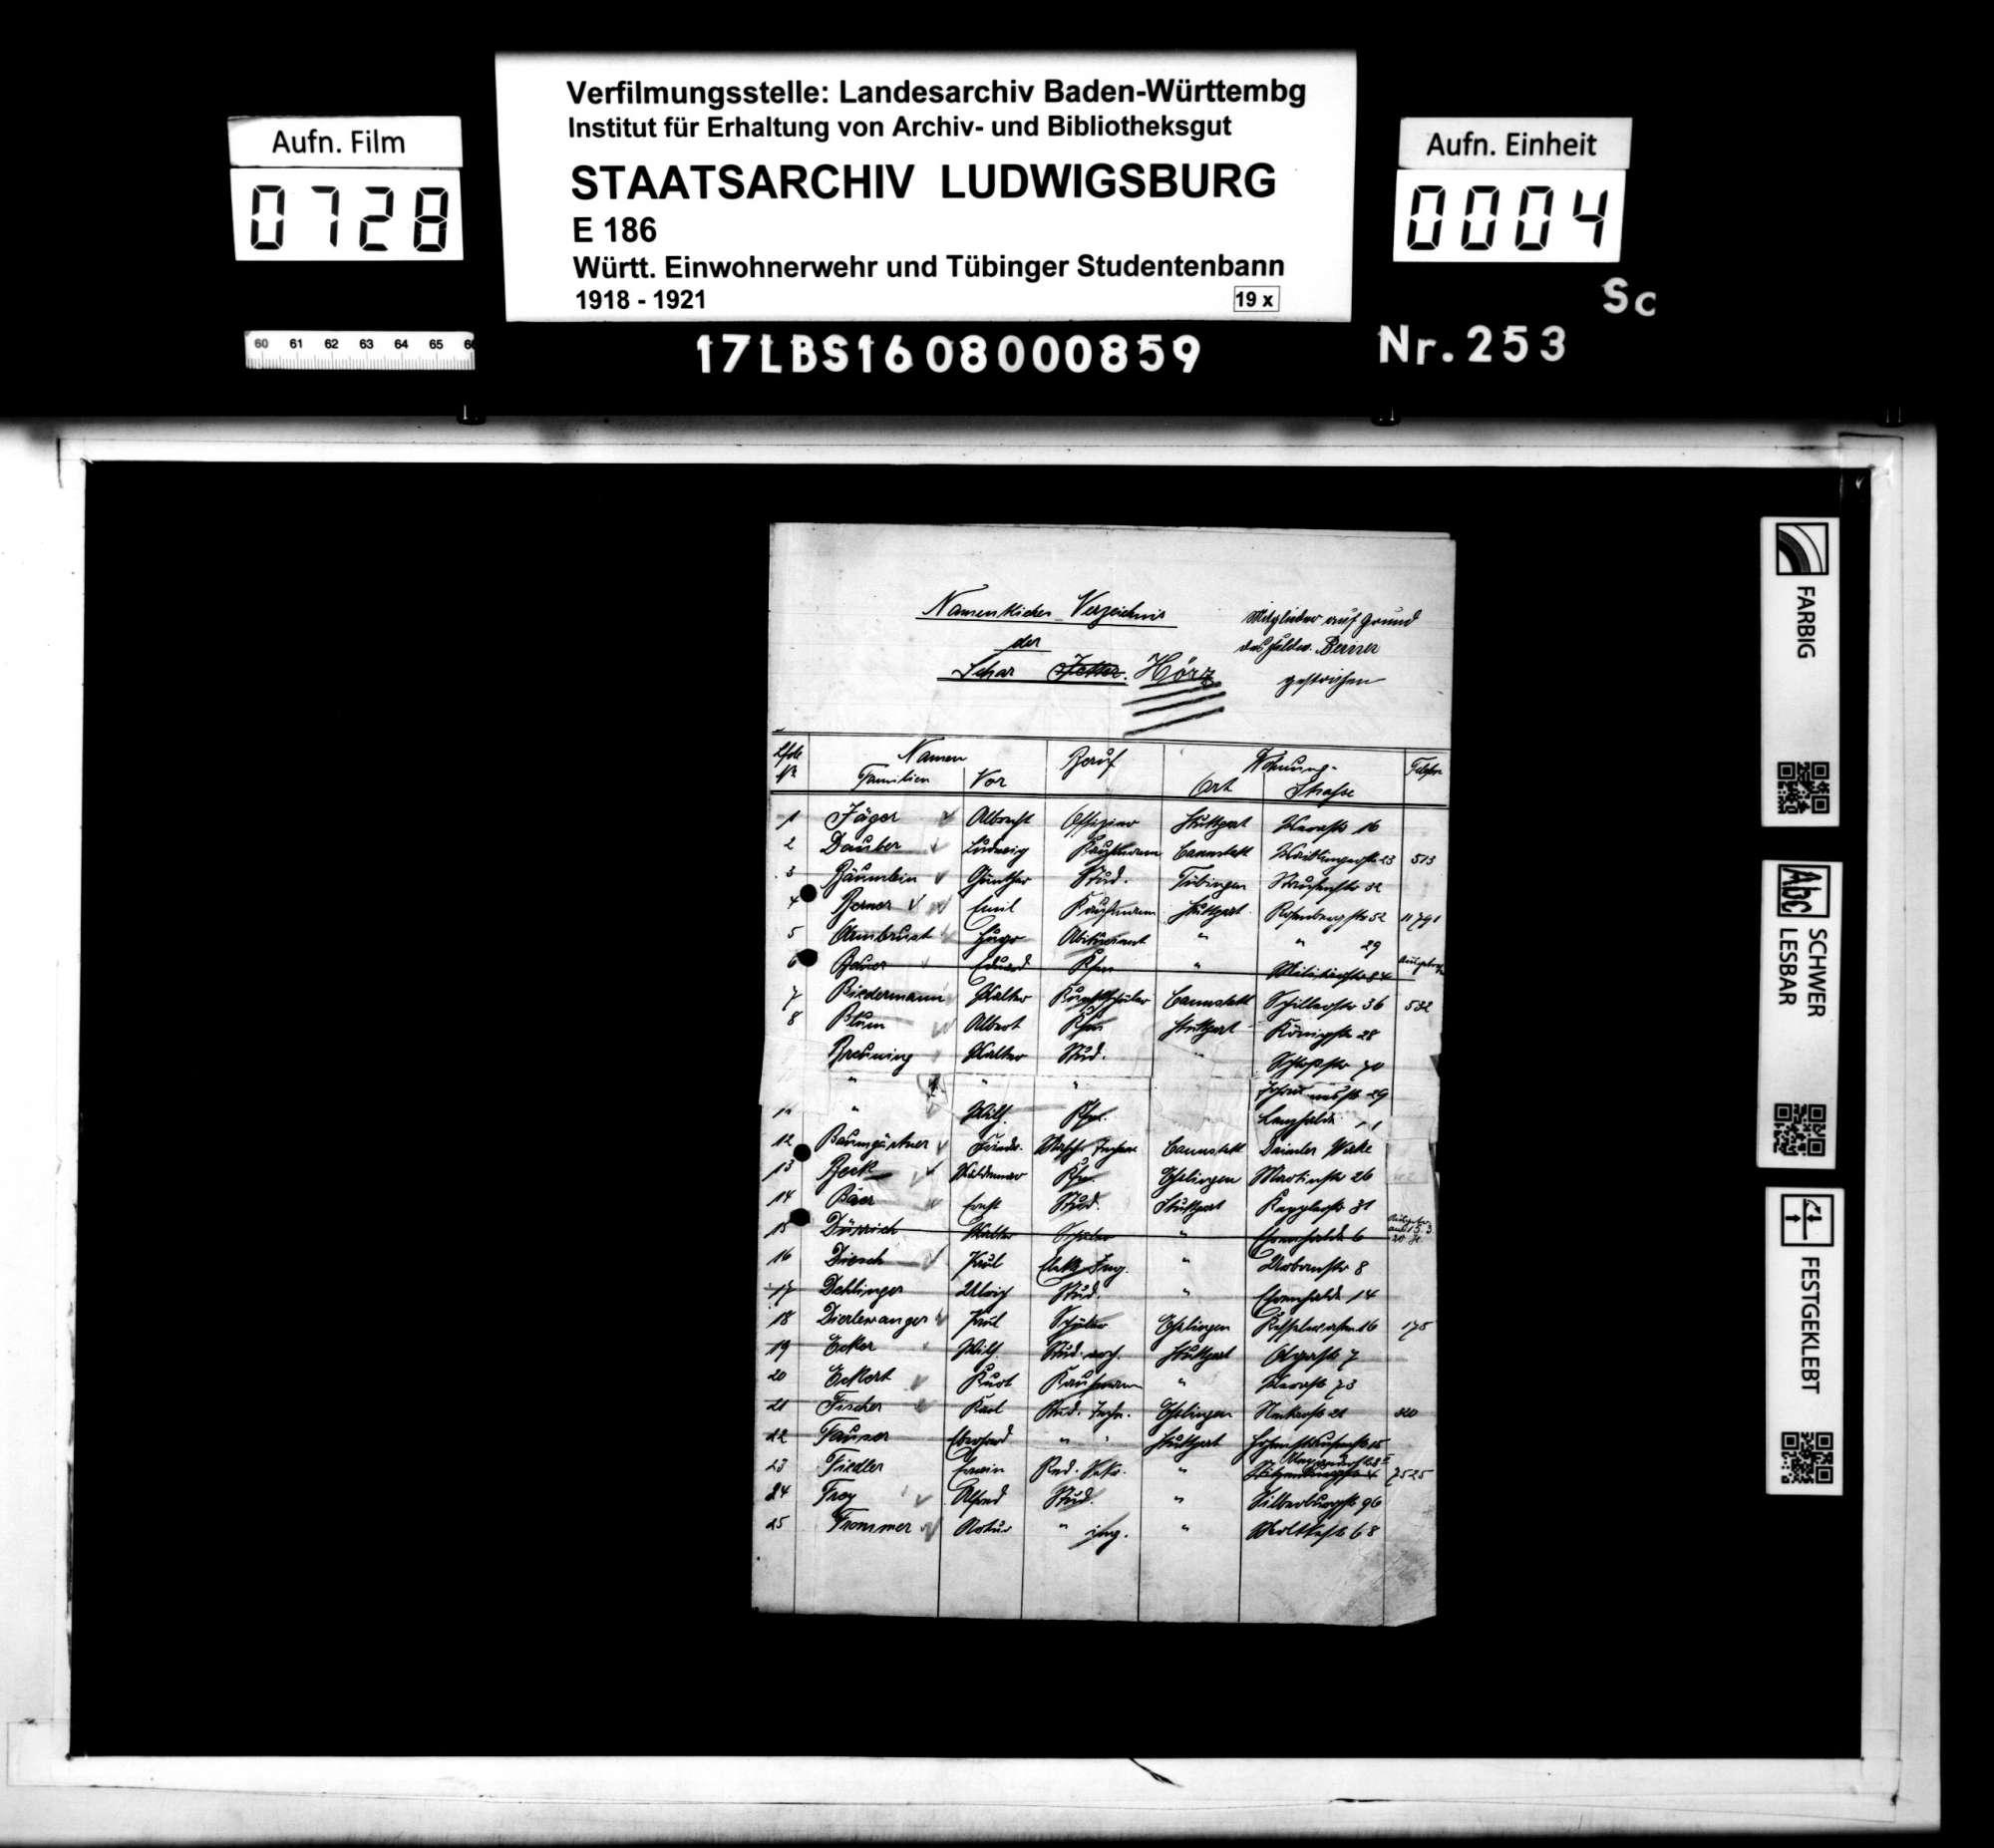 Bann 2/Schar Jetter/Hörz: Namenslisten und Schriftverkehr, Reserve-Sicherheits-Kompanie Jetter (Degerloch), Bild 2